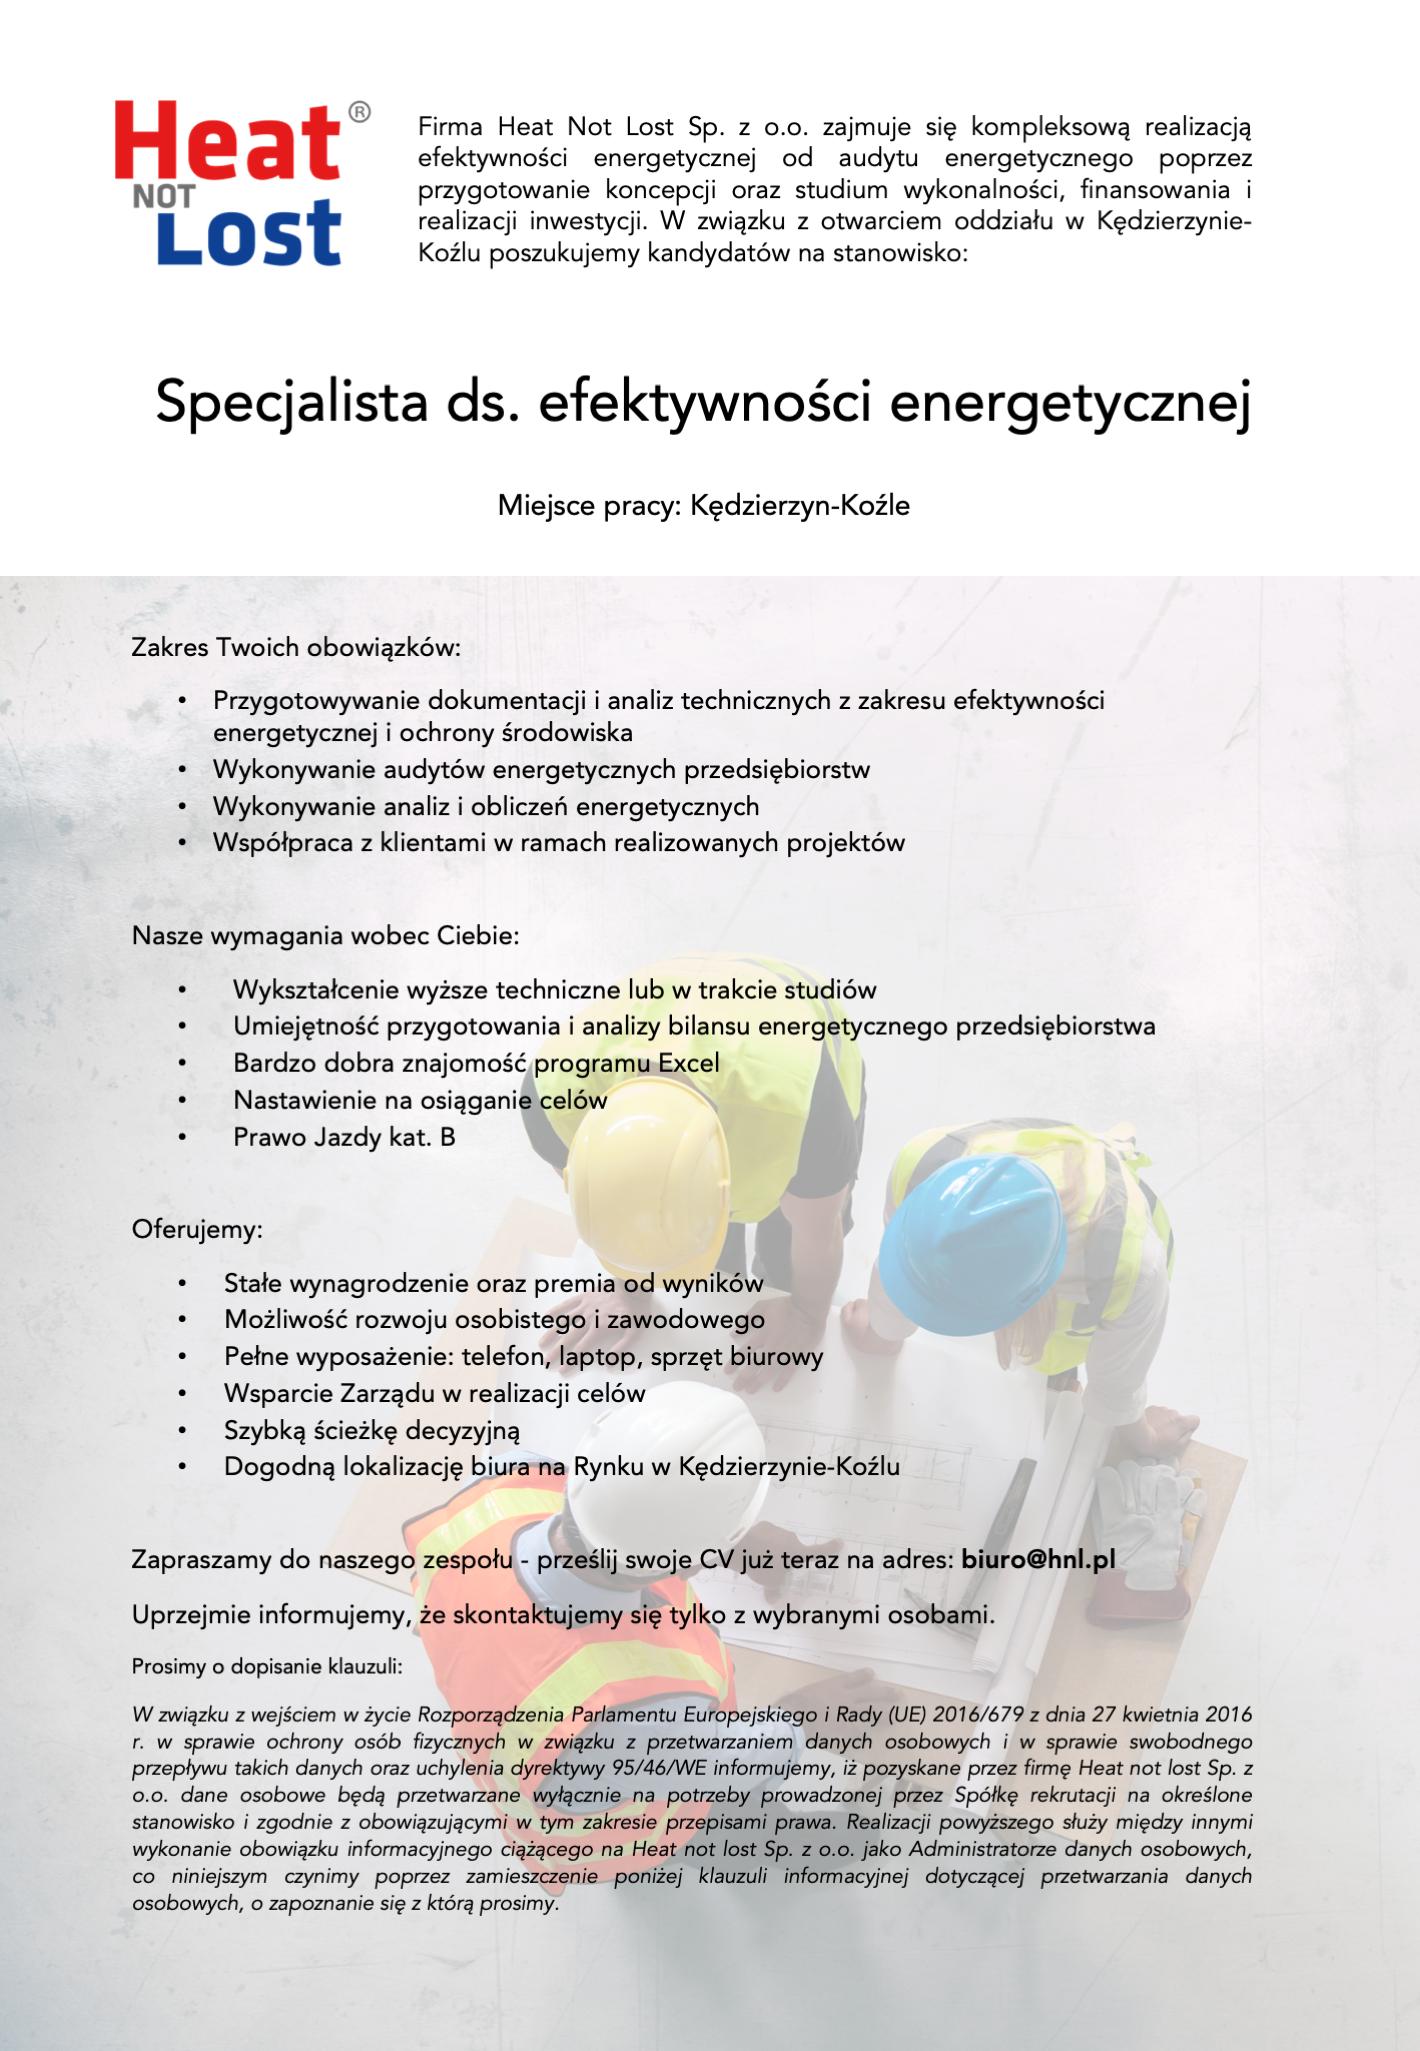 Praca - specjalista ds. efektywności energetycznej